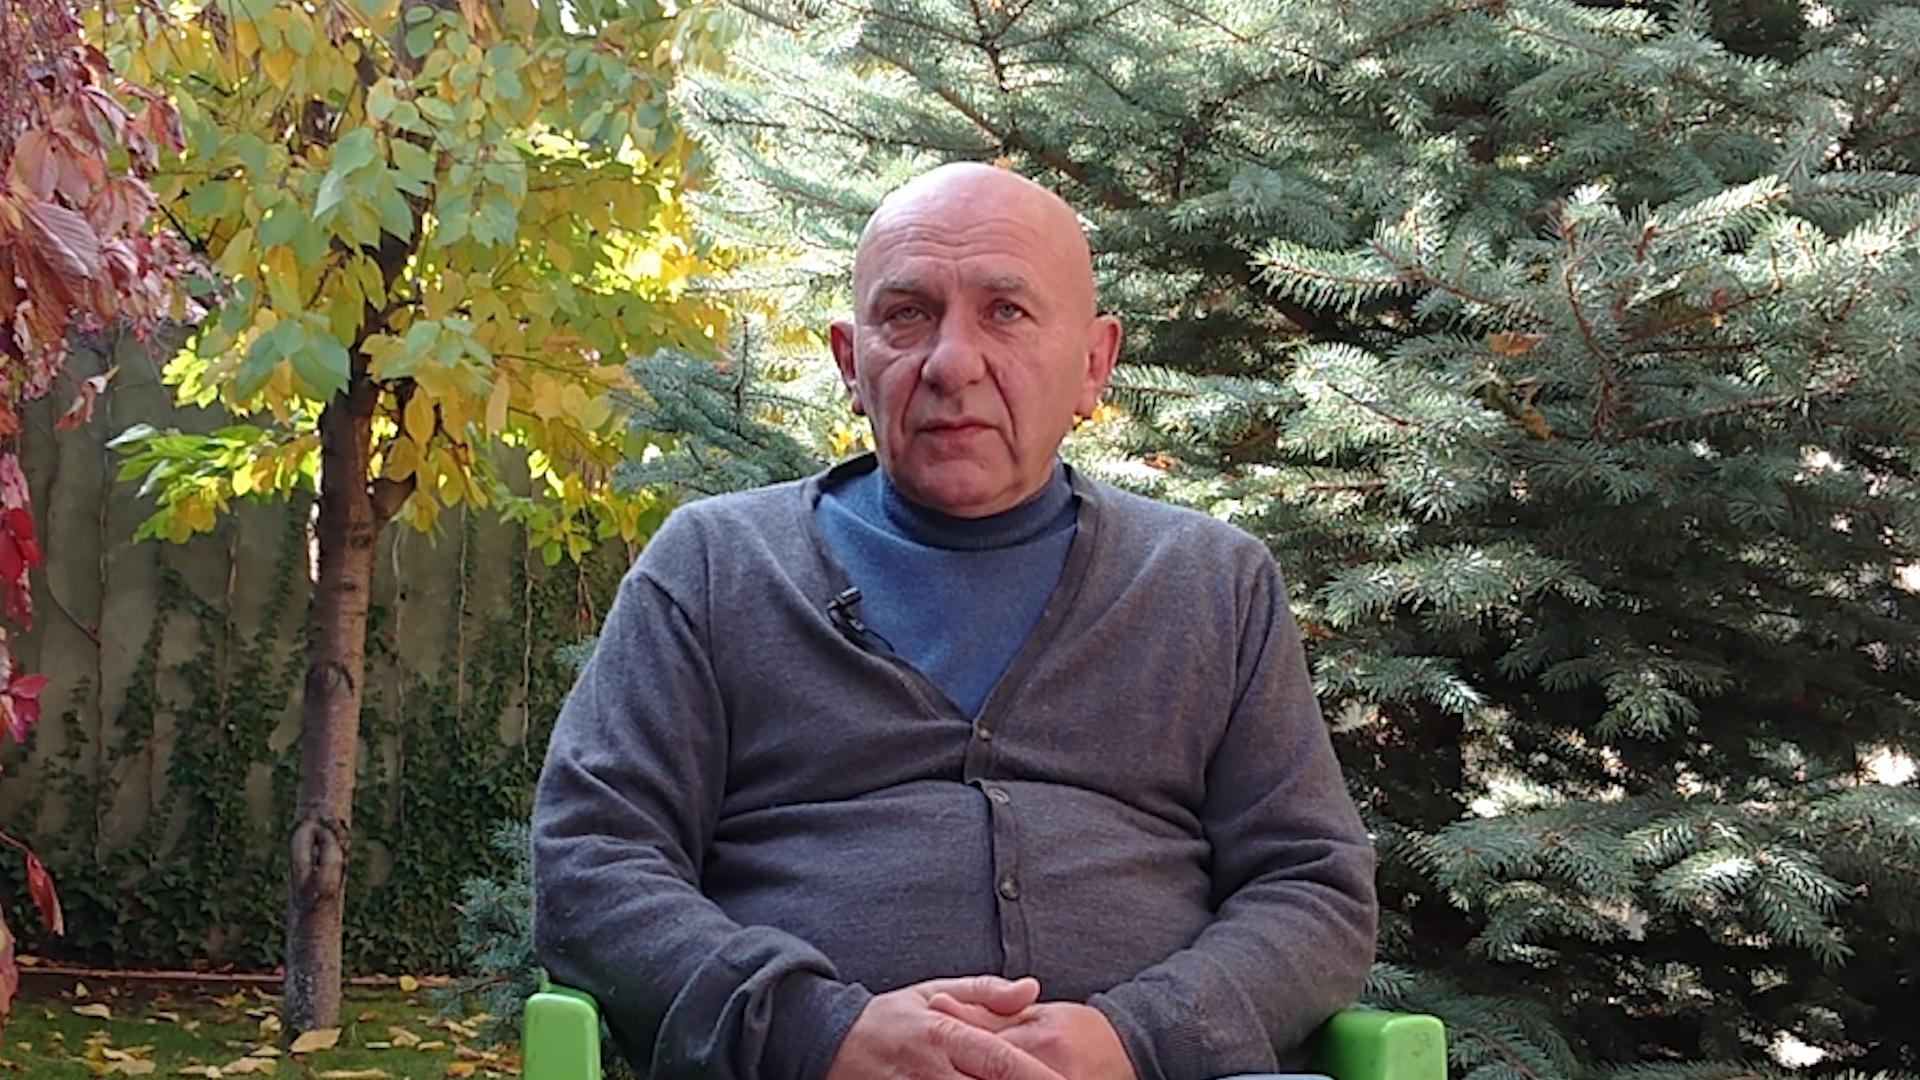 Գրիգորի Սաղյան. am-ի պահանջվածությունը Հայաստանում ու արտասահմանում 50։50 է, բայց հատկապես պահանջված է Չինաստանում. տեսանյութ